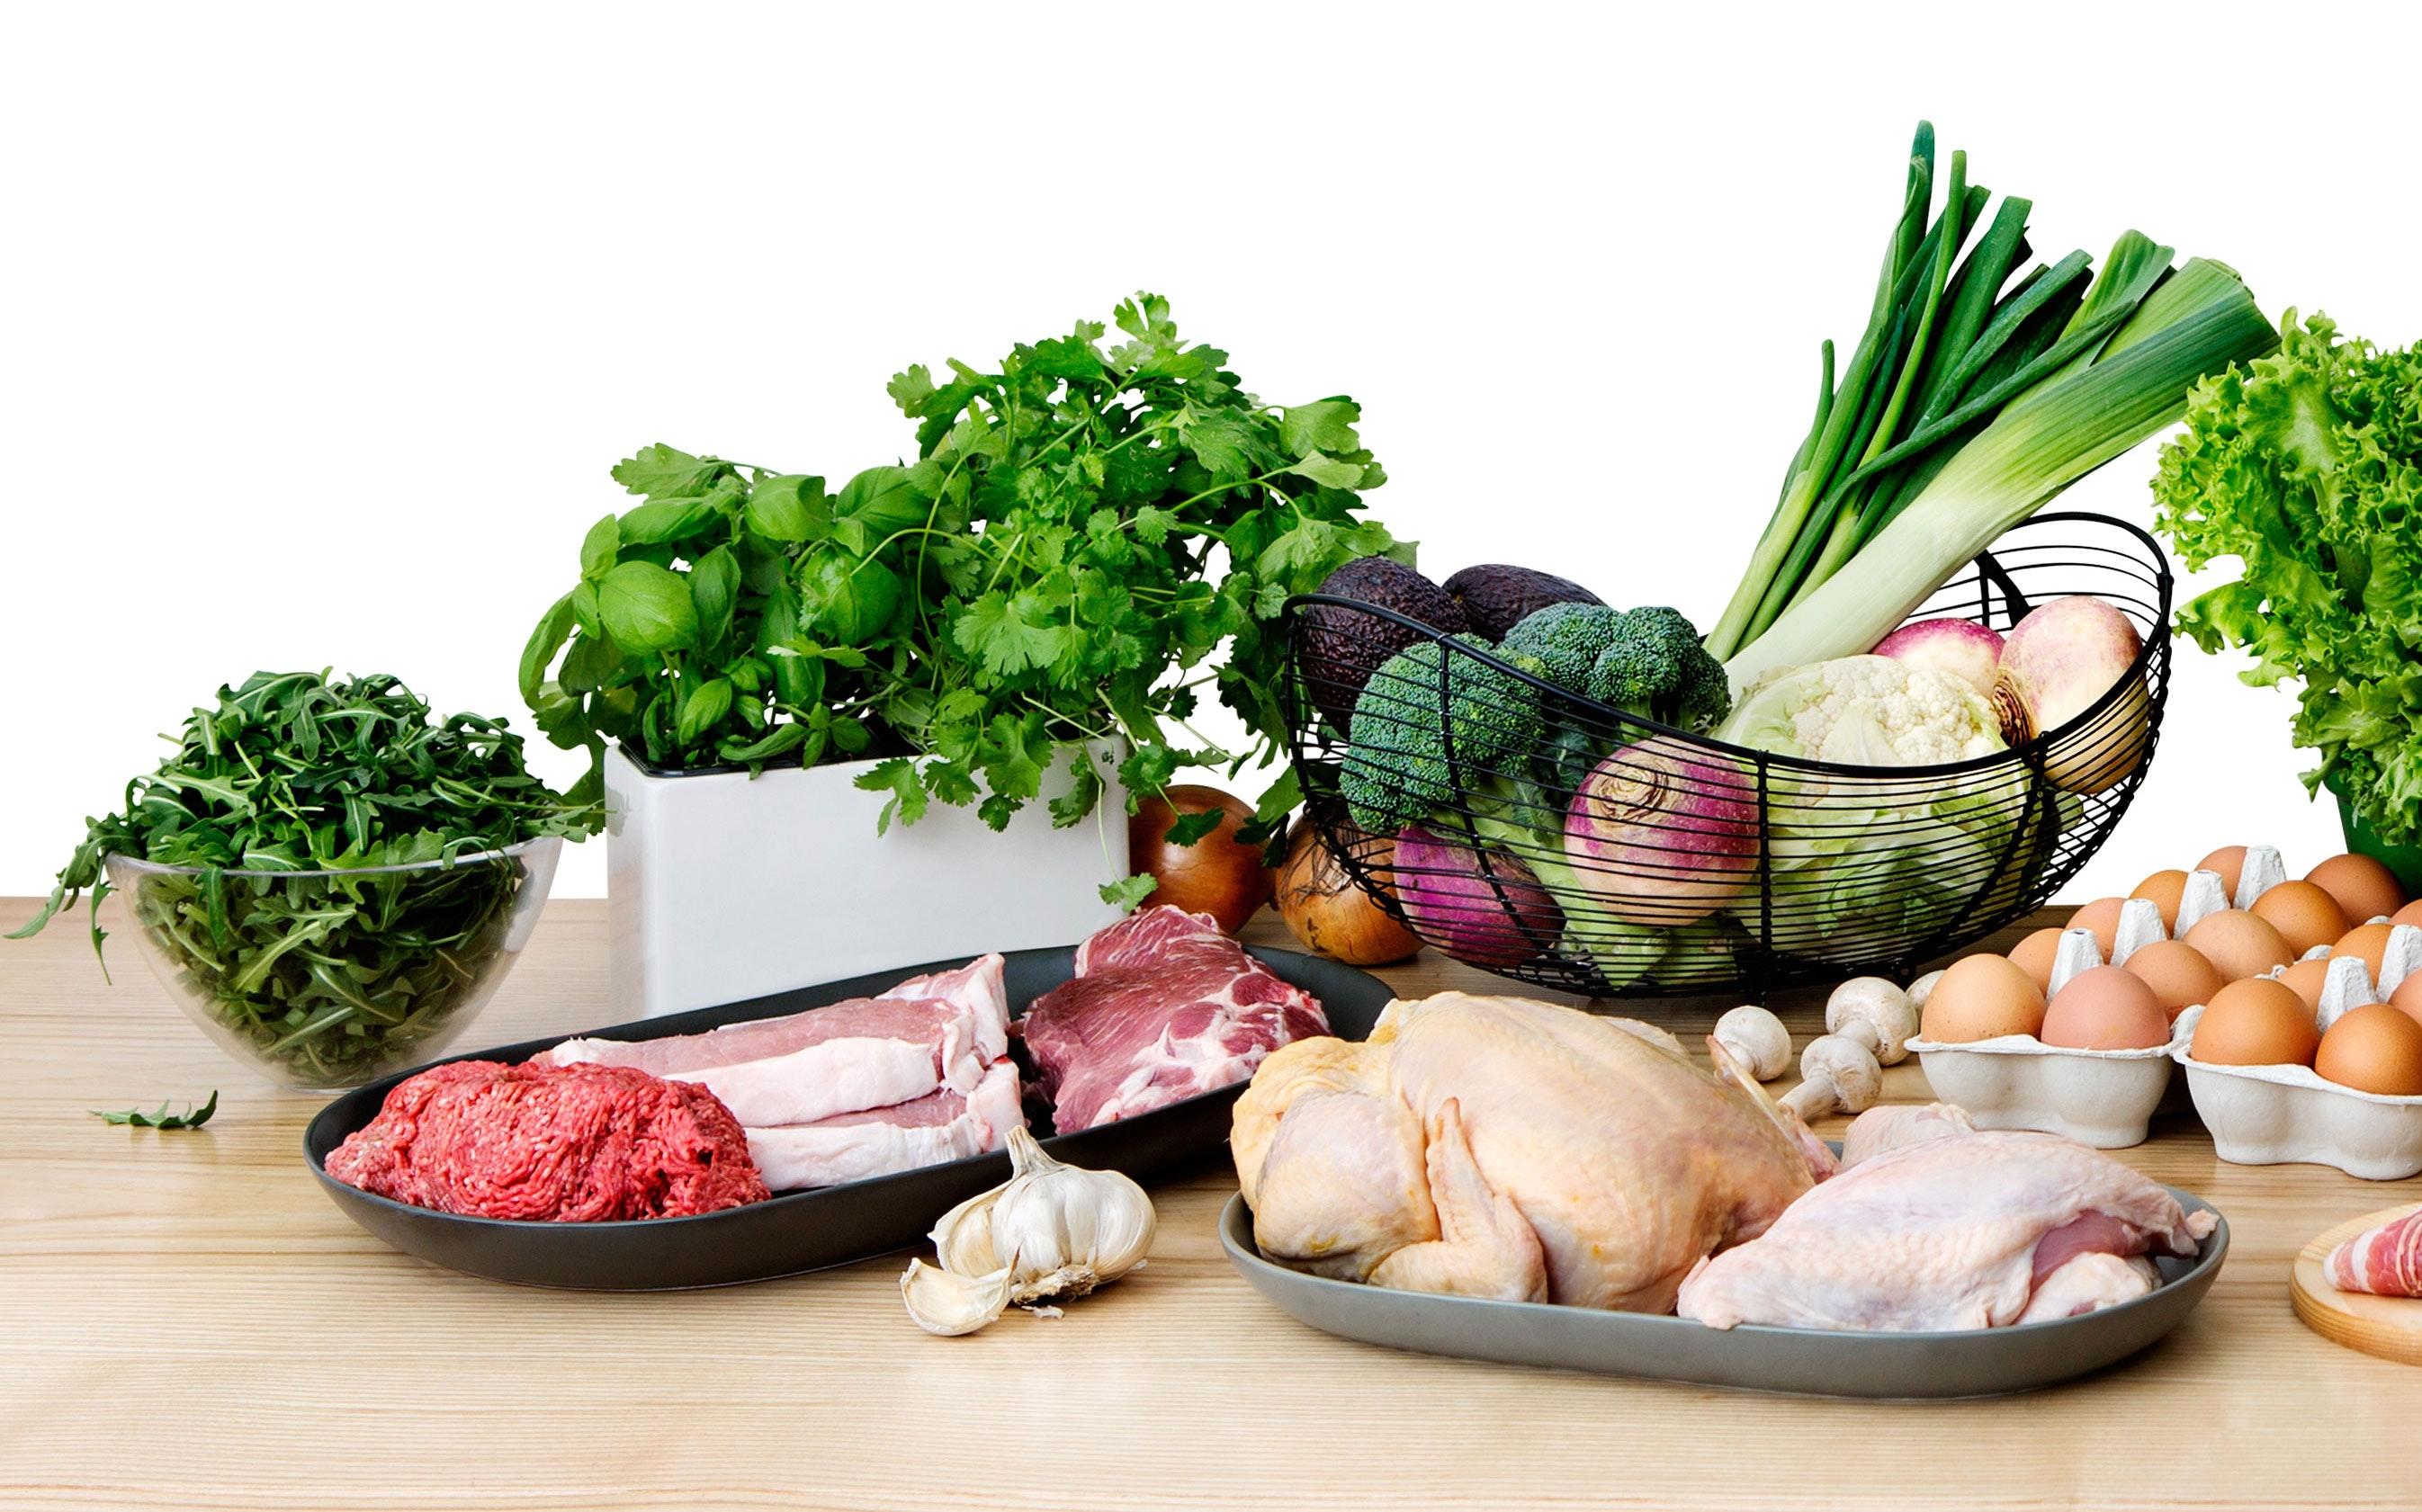 Adelgazar comiendo verduras asadas